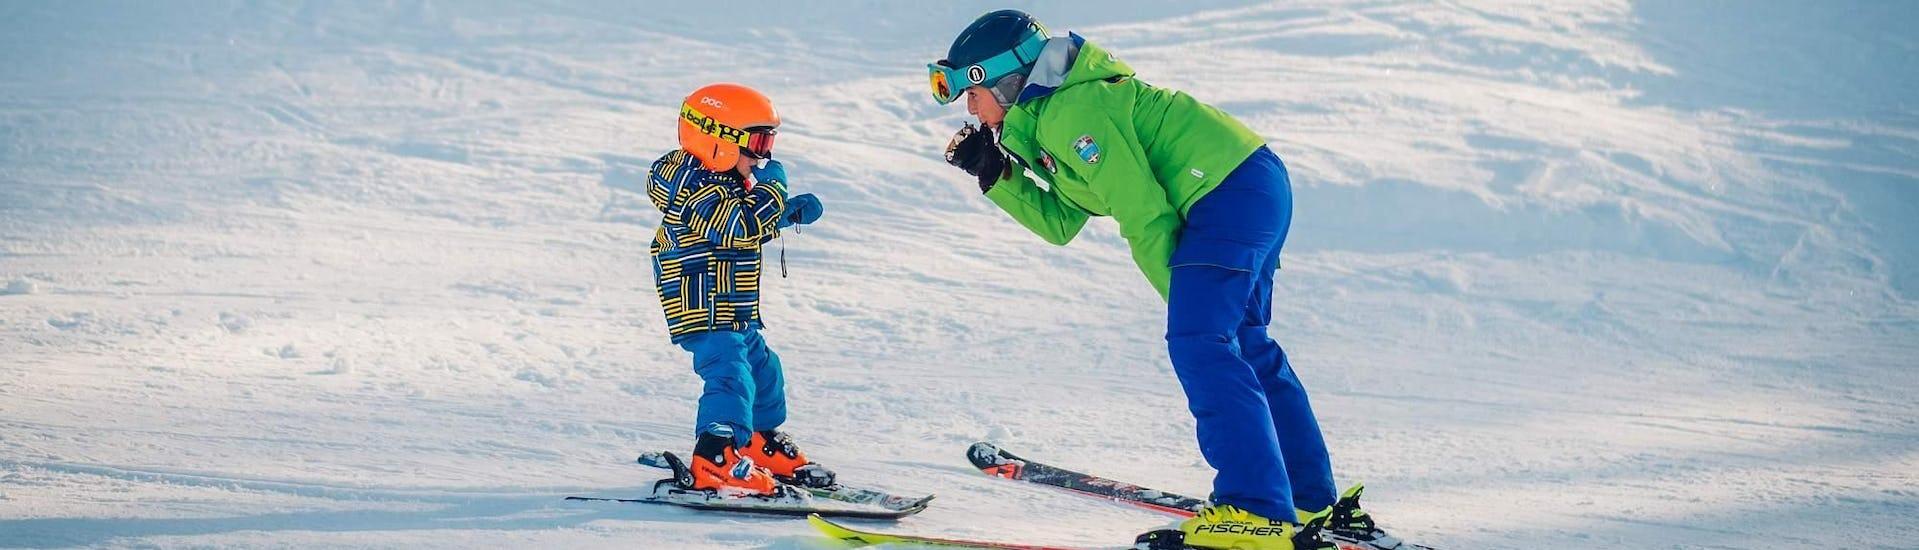 Kleines Kind lernt während des Privater Kinder Skikurs - Alle Levels mit der Skilehrerin von der Skischule Scuola di Sci B.foxes Skifahren.